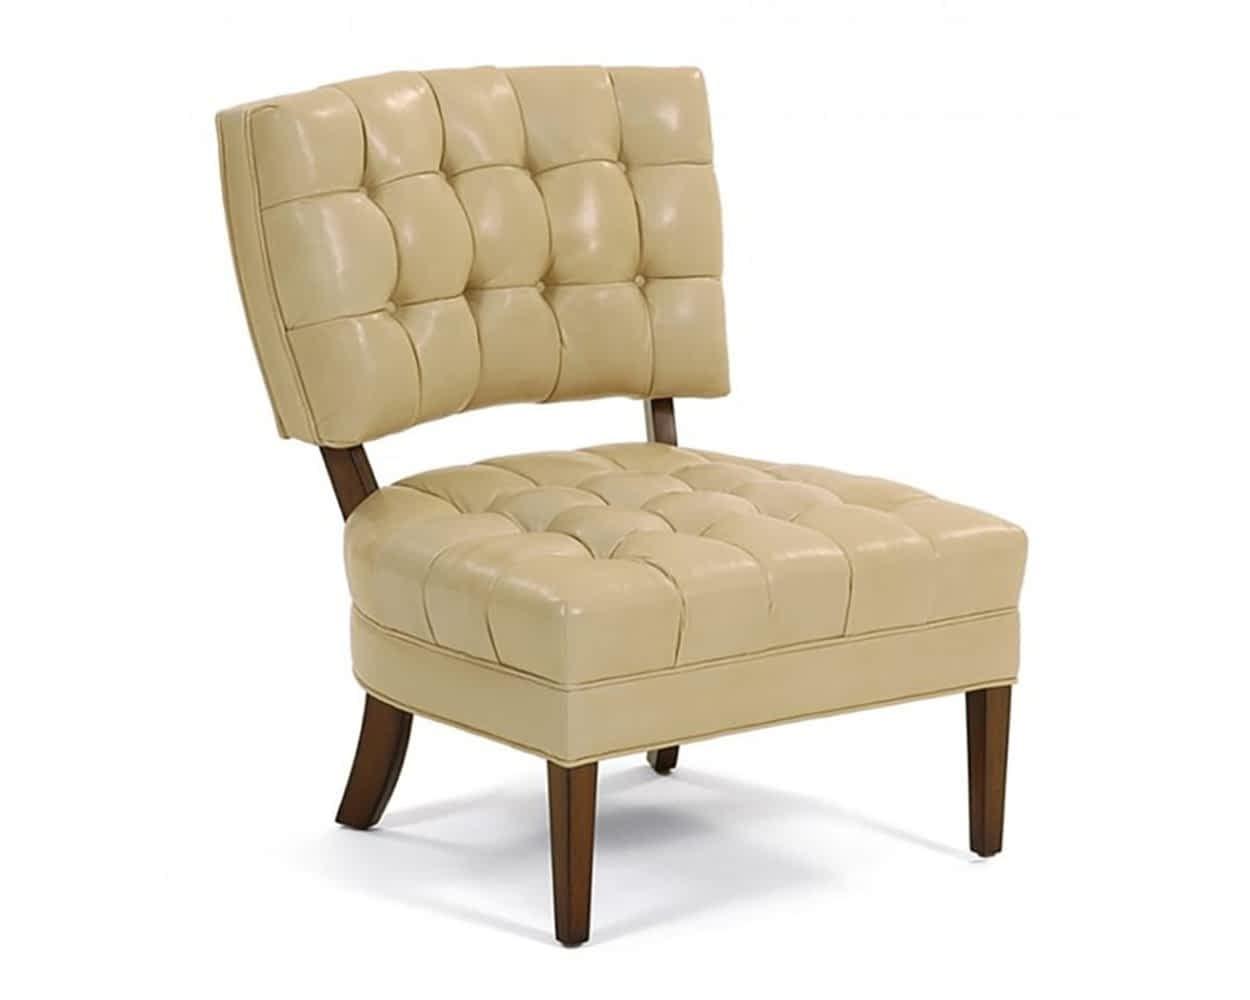 2160-Tutle-Chair-763×826-1-610×660-900×900